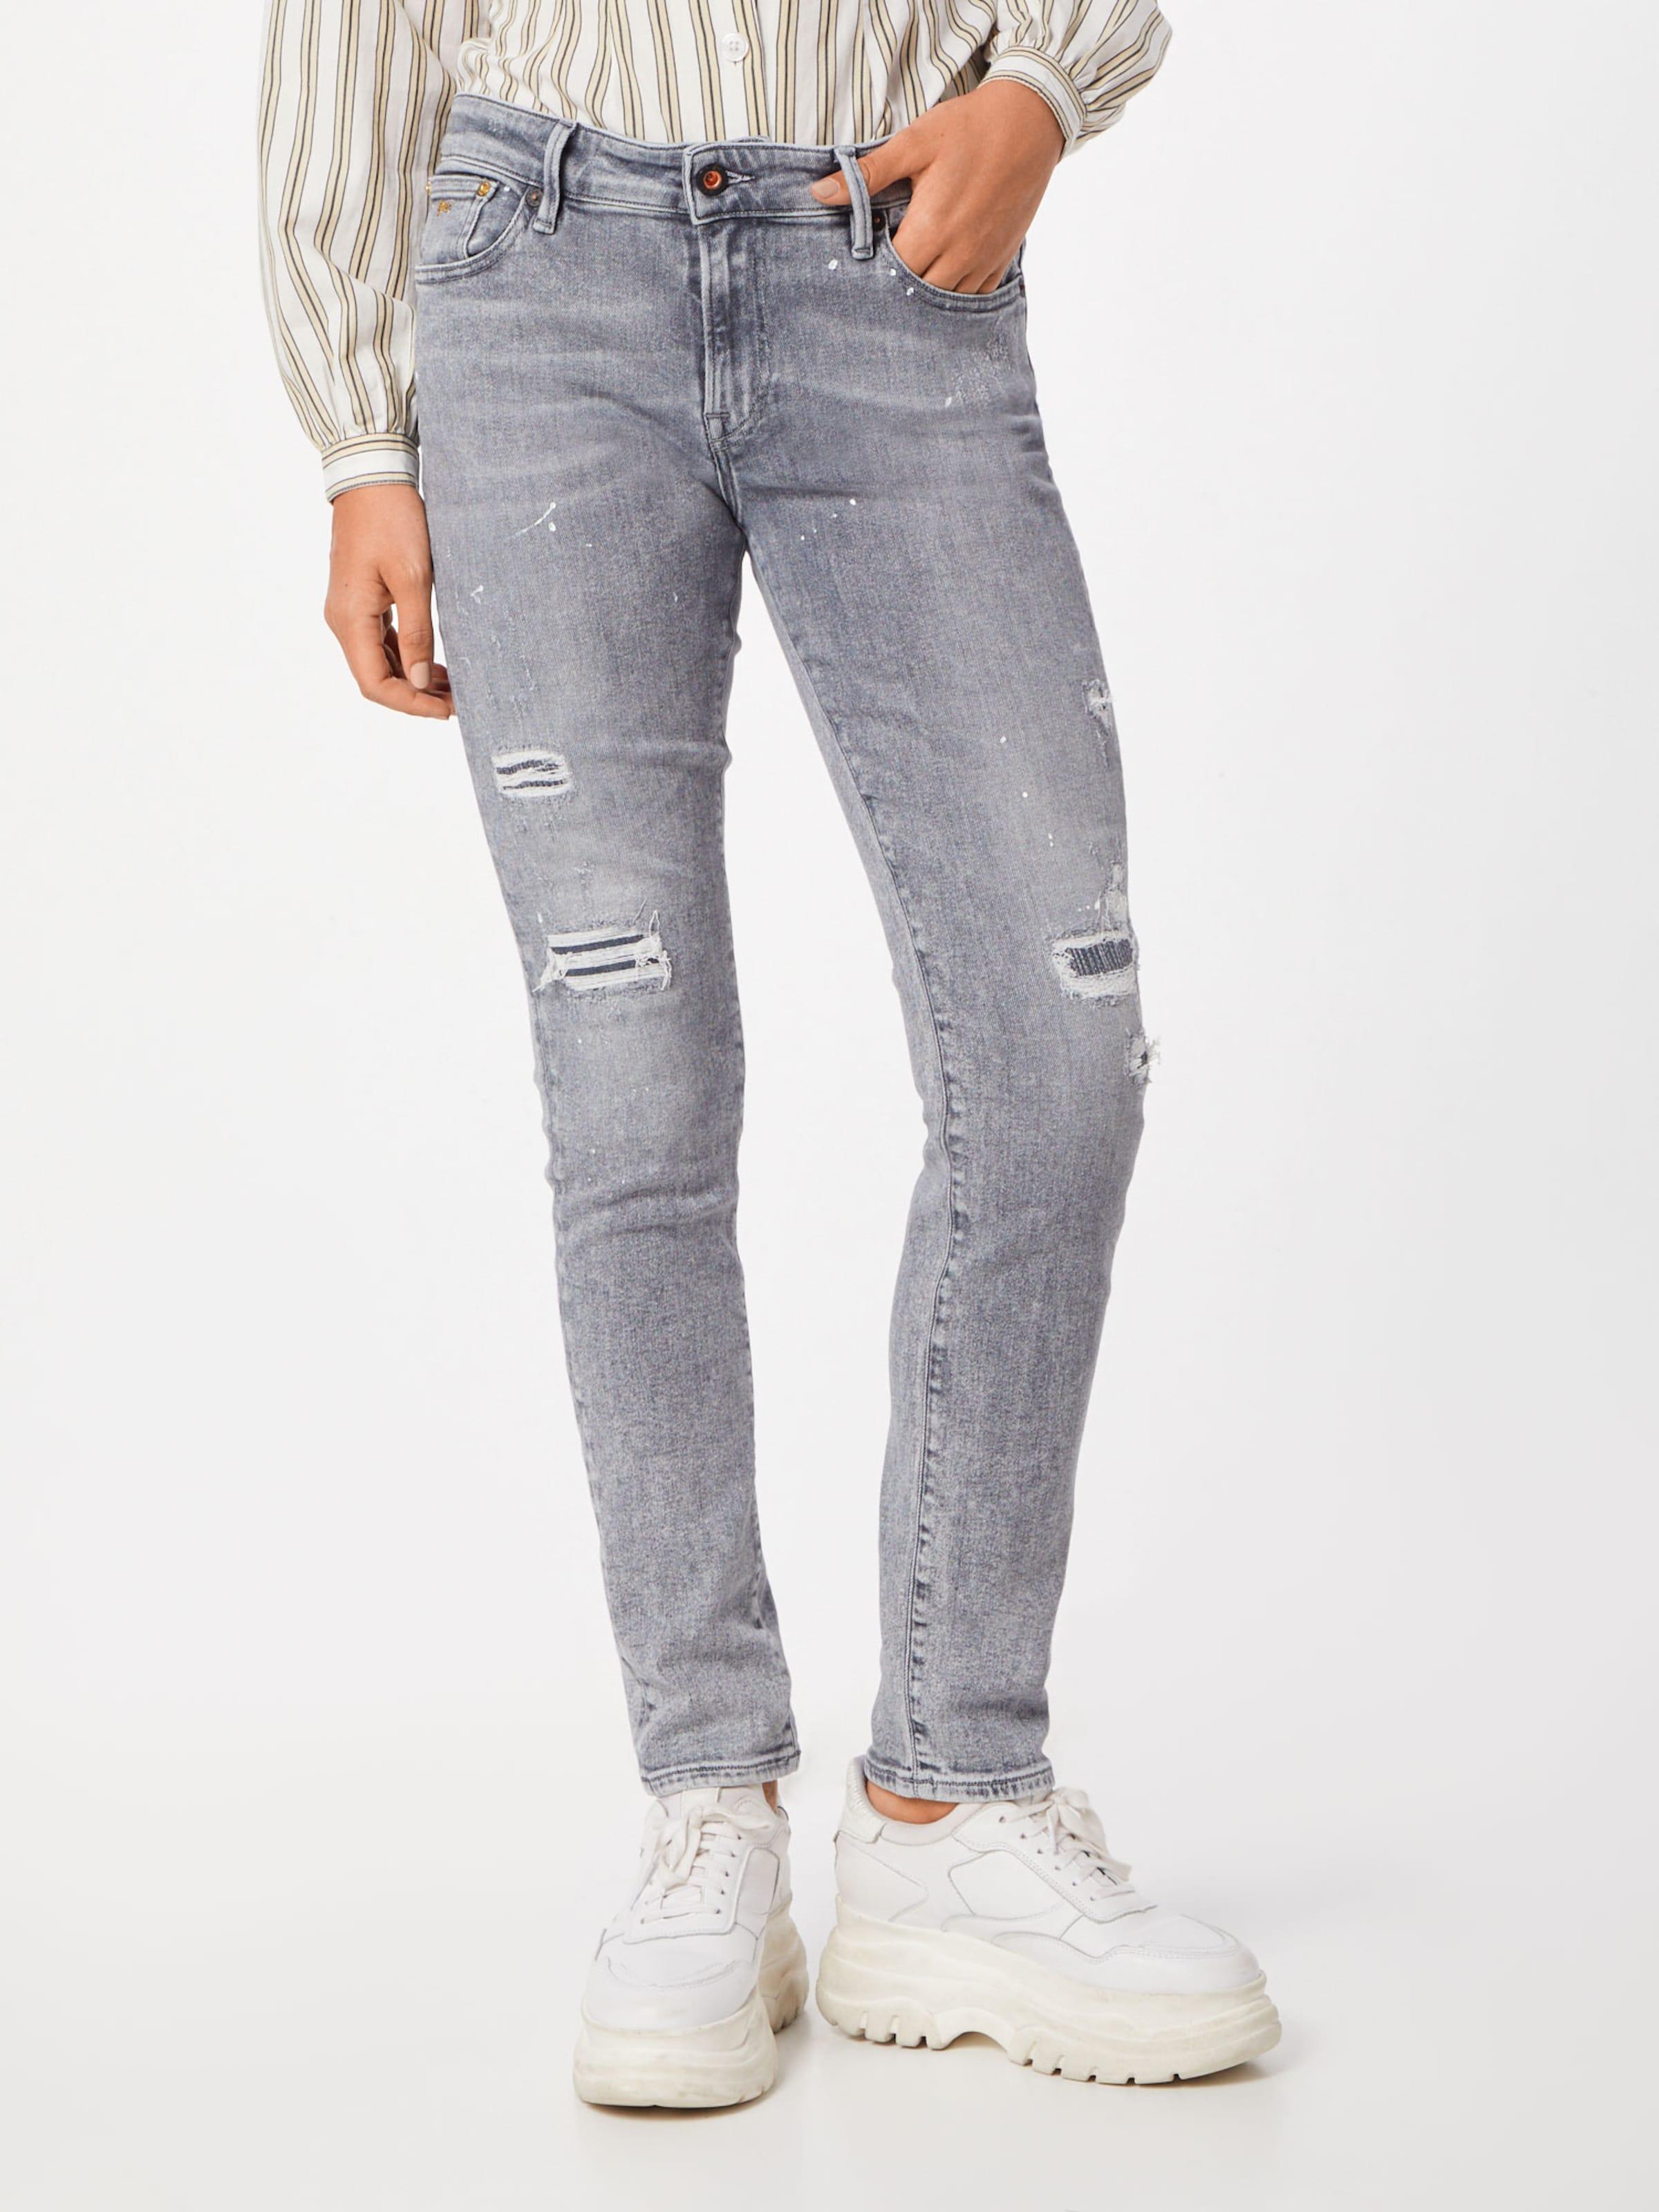 Jeans In 'monroe' Grey Denham Denim 5j4A3RL